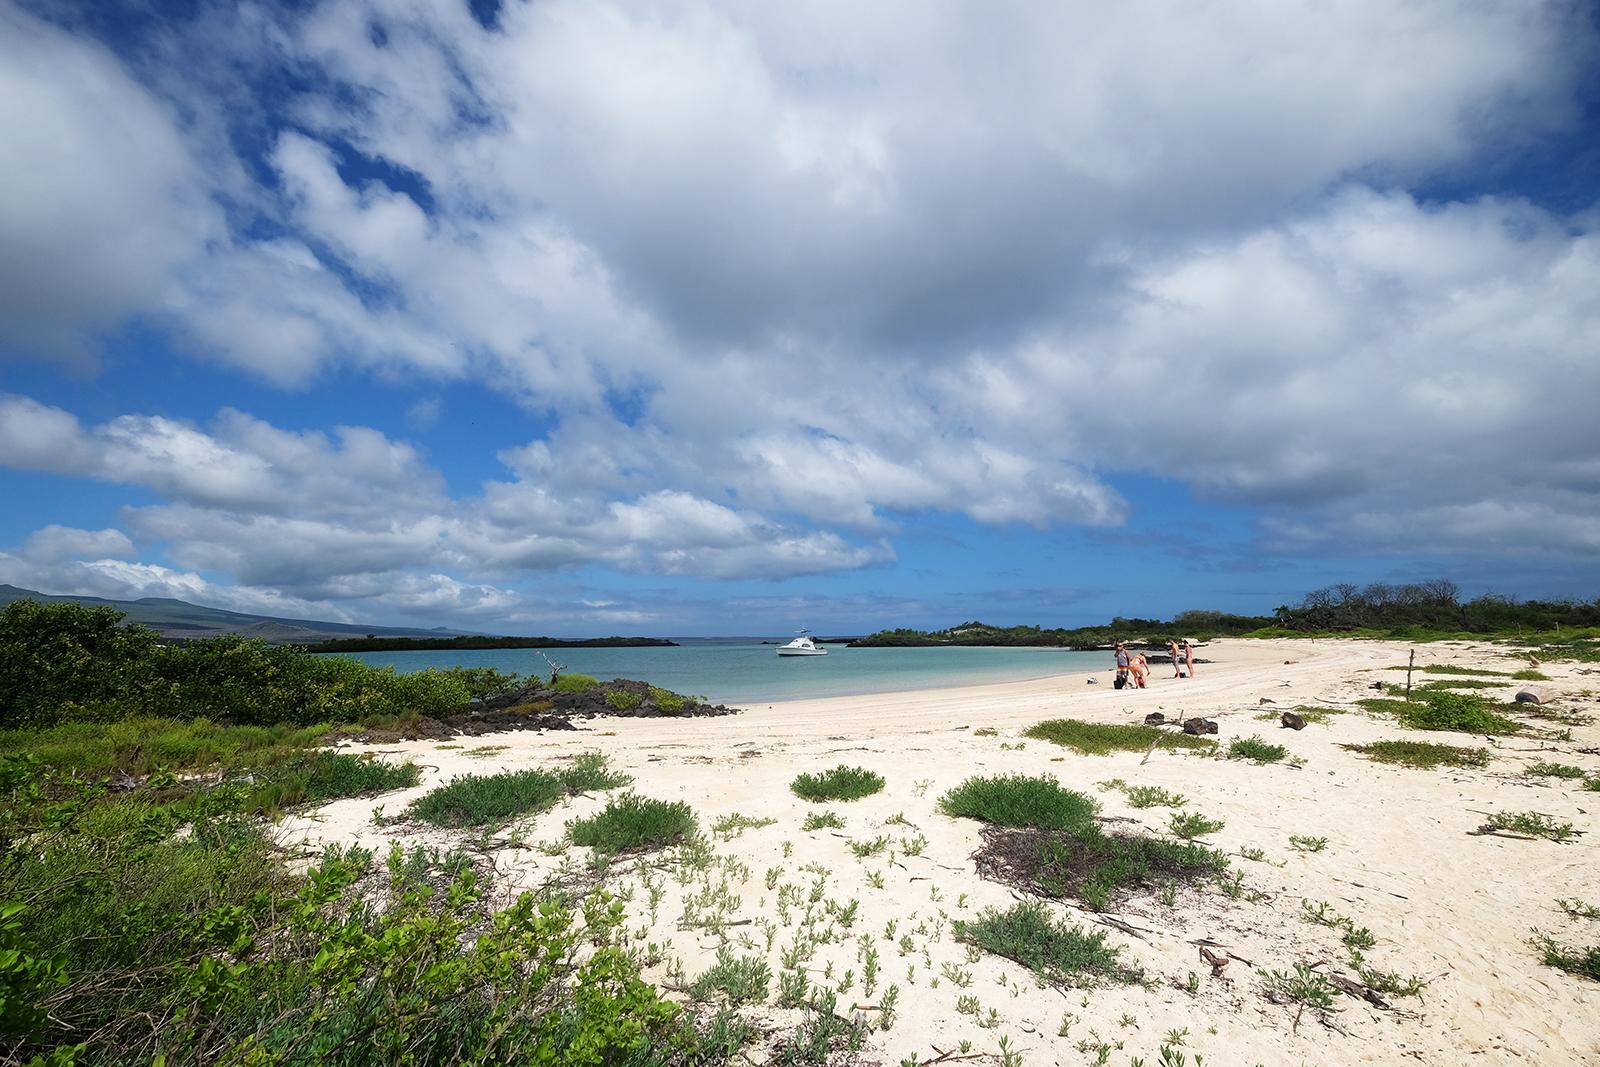 Playa Caleta de Sappho